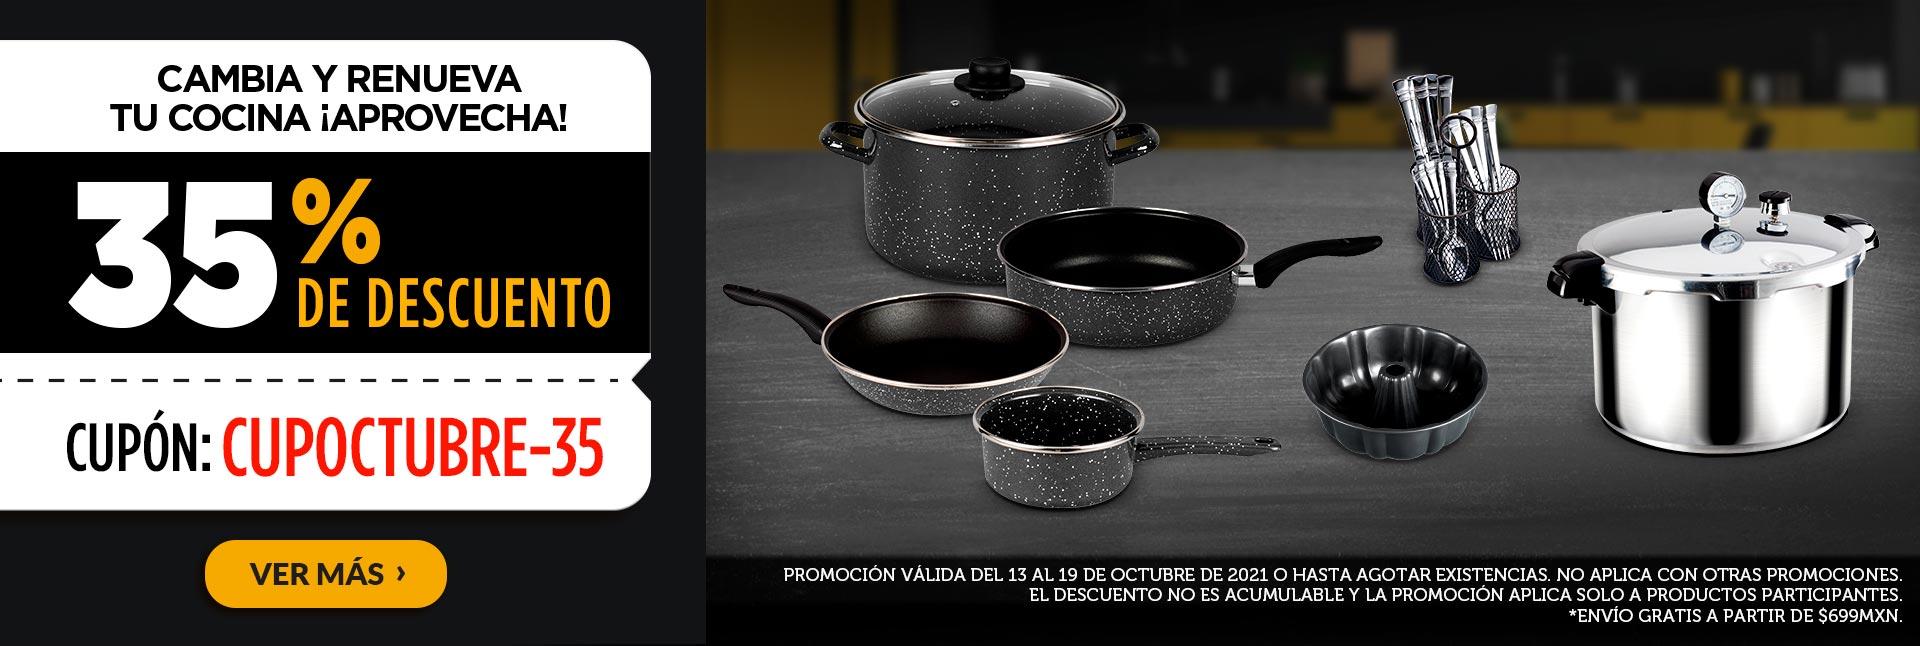 Cambia y renueva tu cocina ¡Aprovecha! 35% de descuento cupón:  CUPOCTUBRE-35